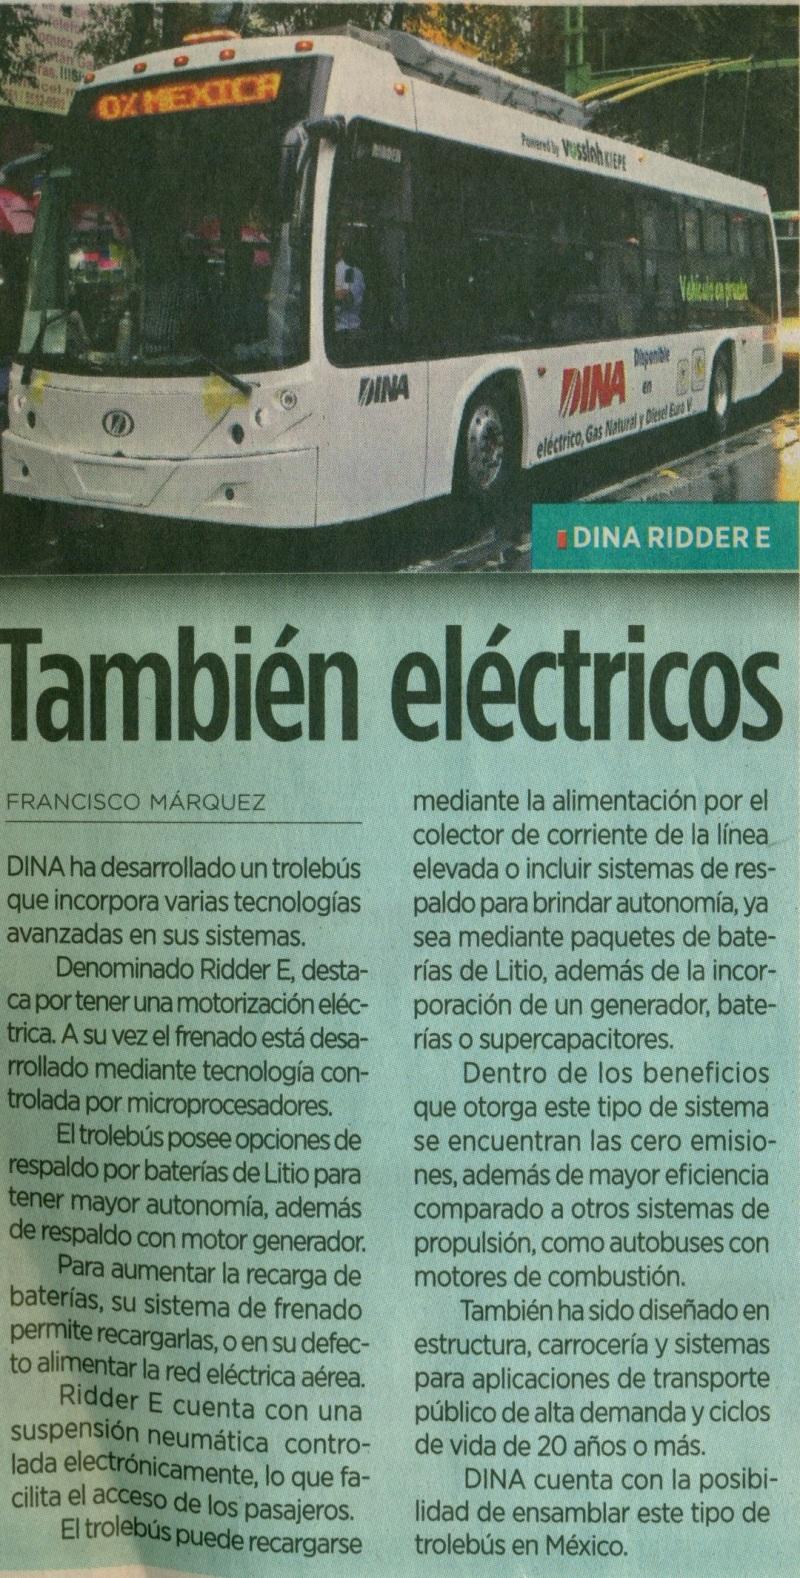 Periódico %22El Norte%22 31 de Mayo 2014 Sección Automotriz Pag. 9B  copia 2